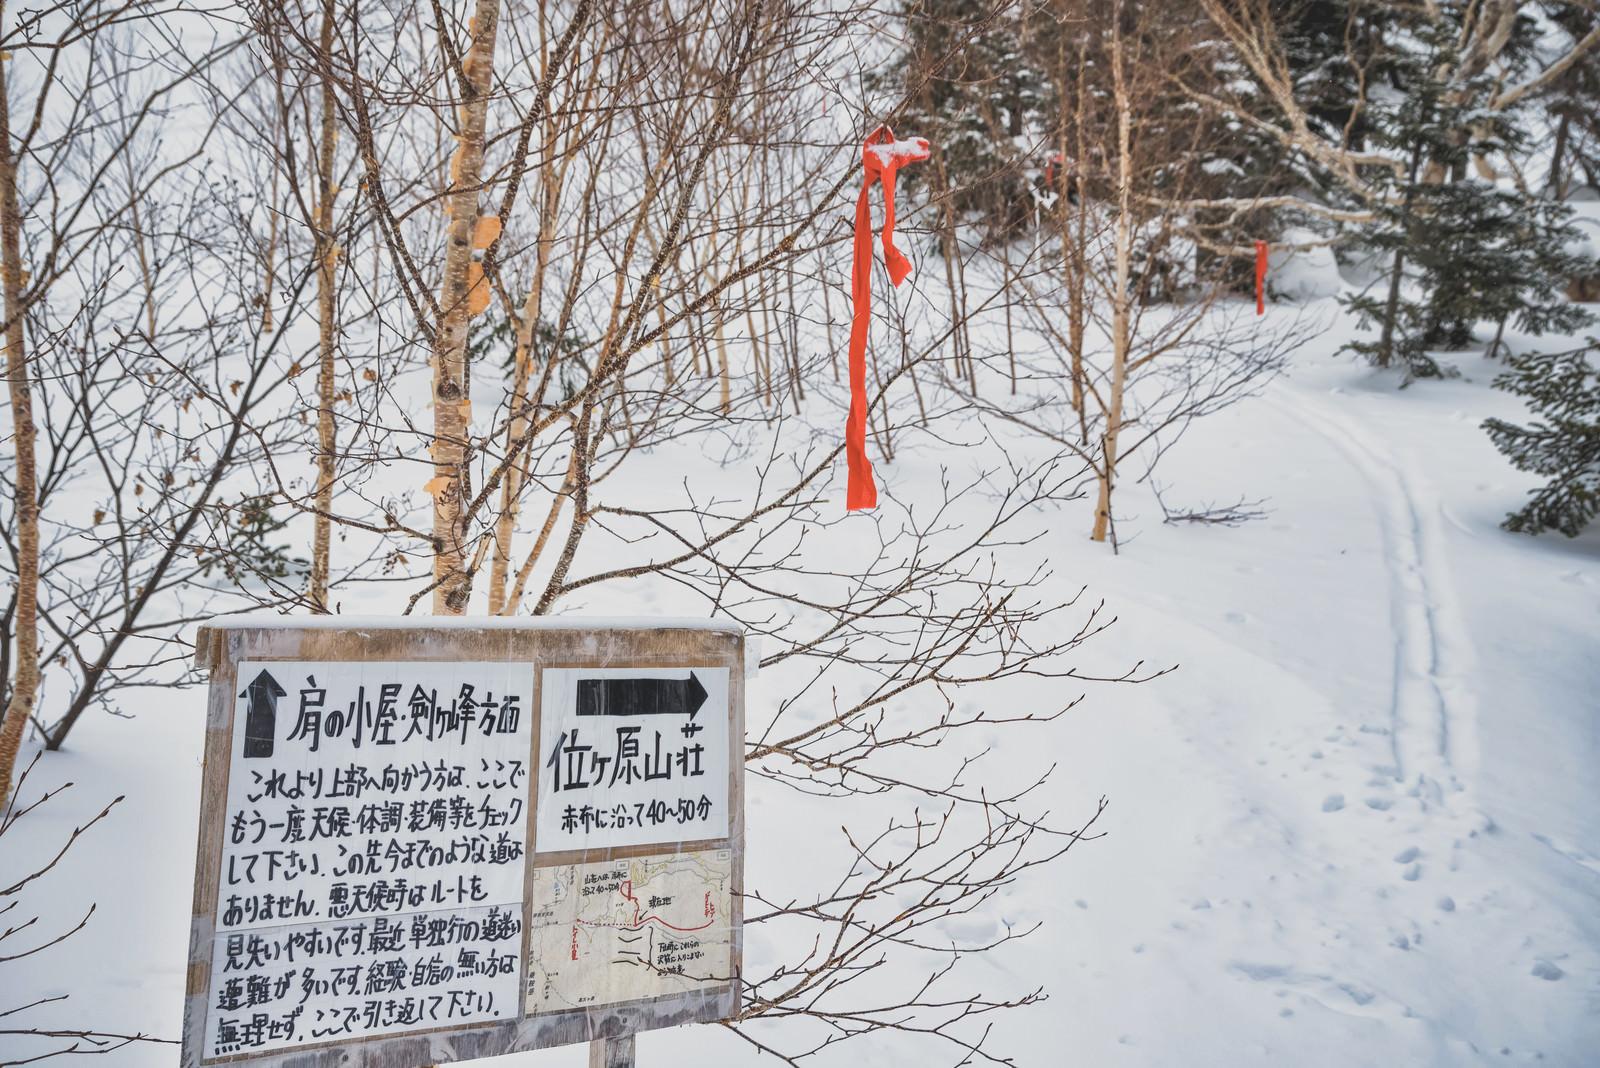 「雪の中の位ヶ原山荘への看板と道しるべ(乗鞍岳)」の写真